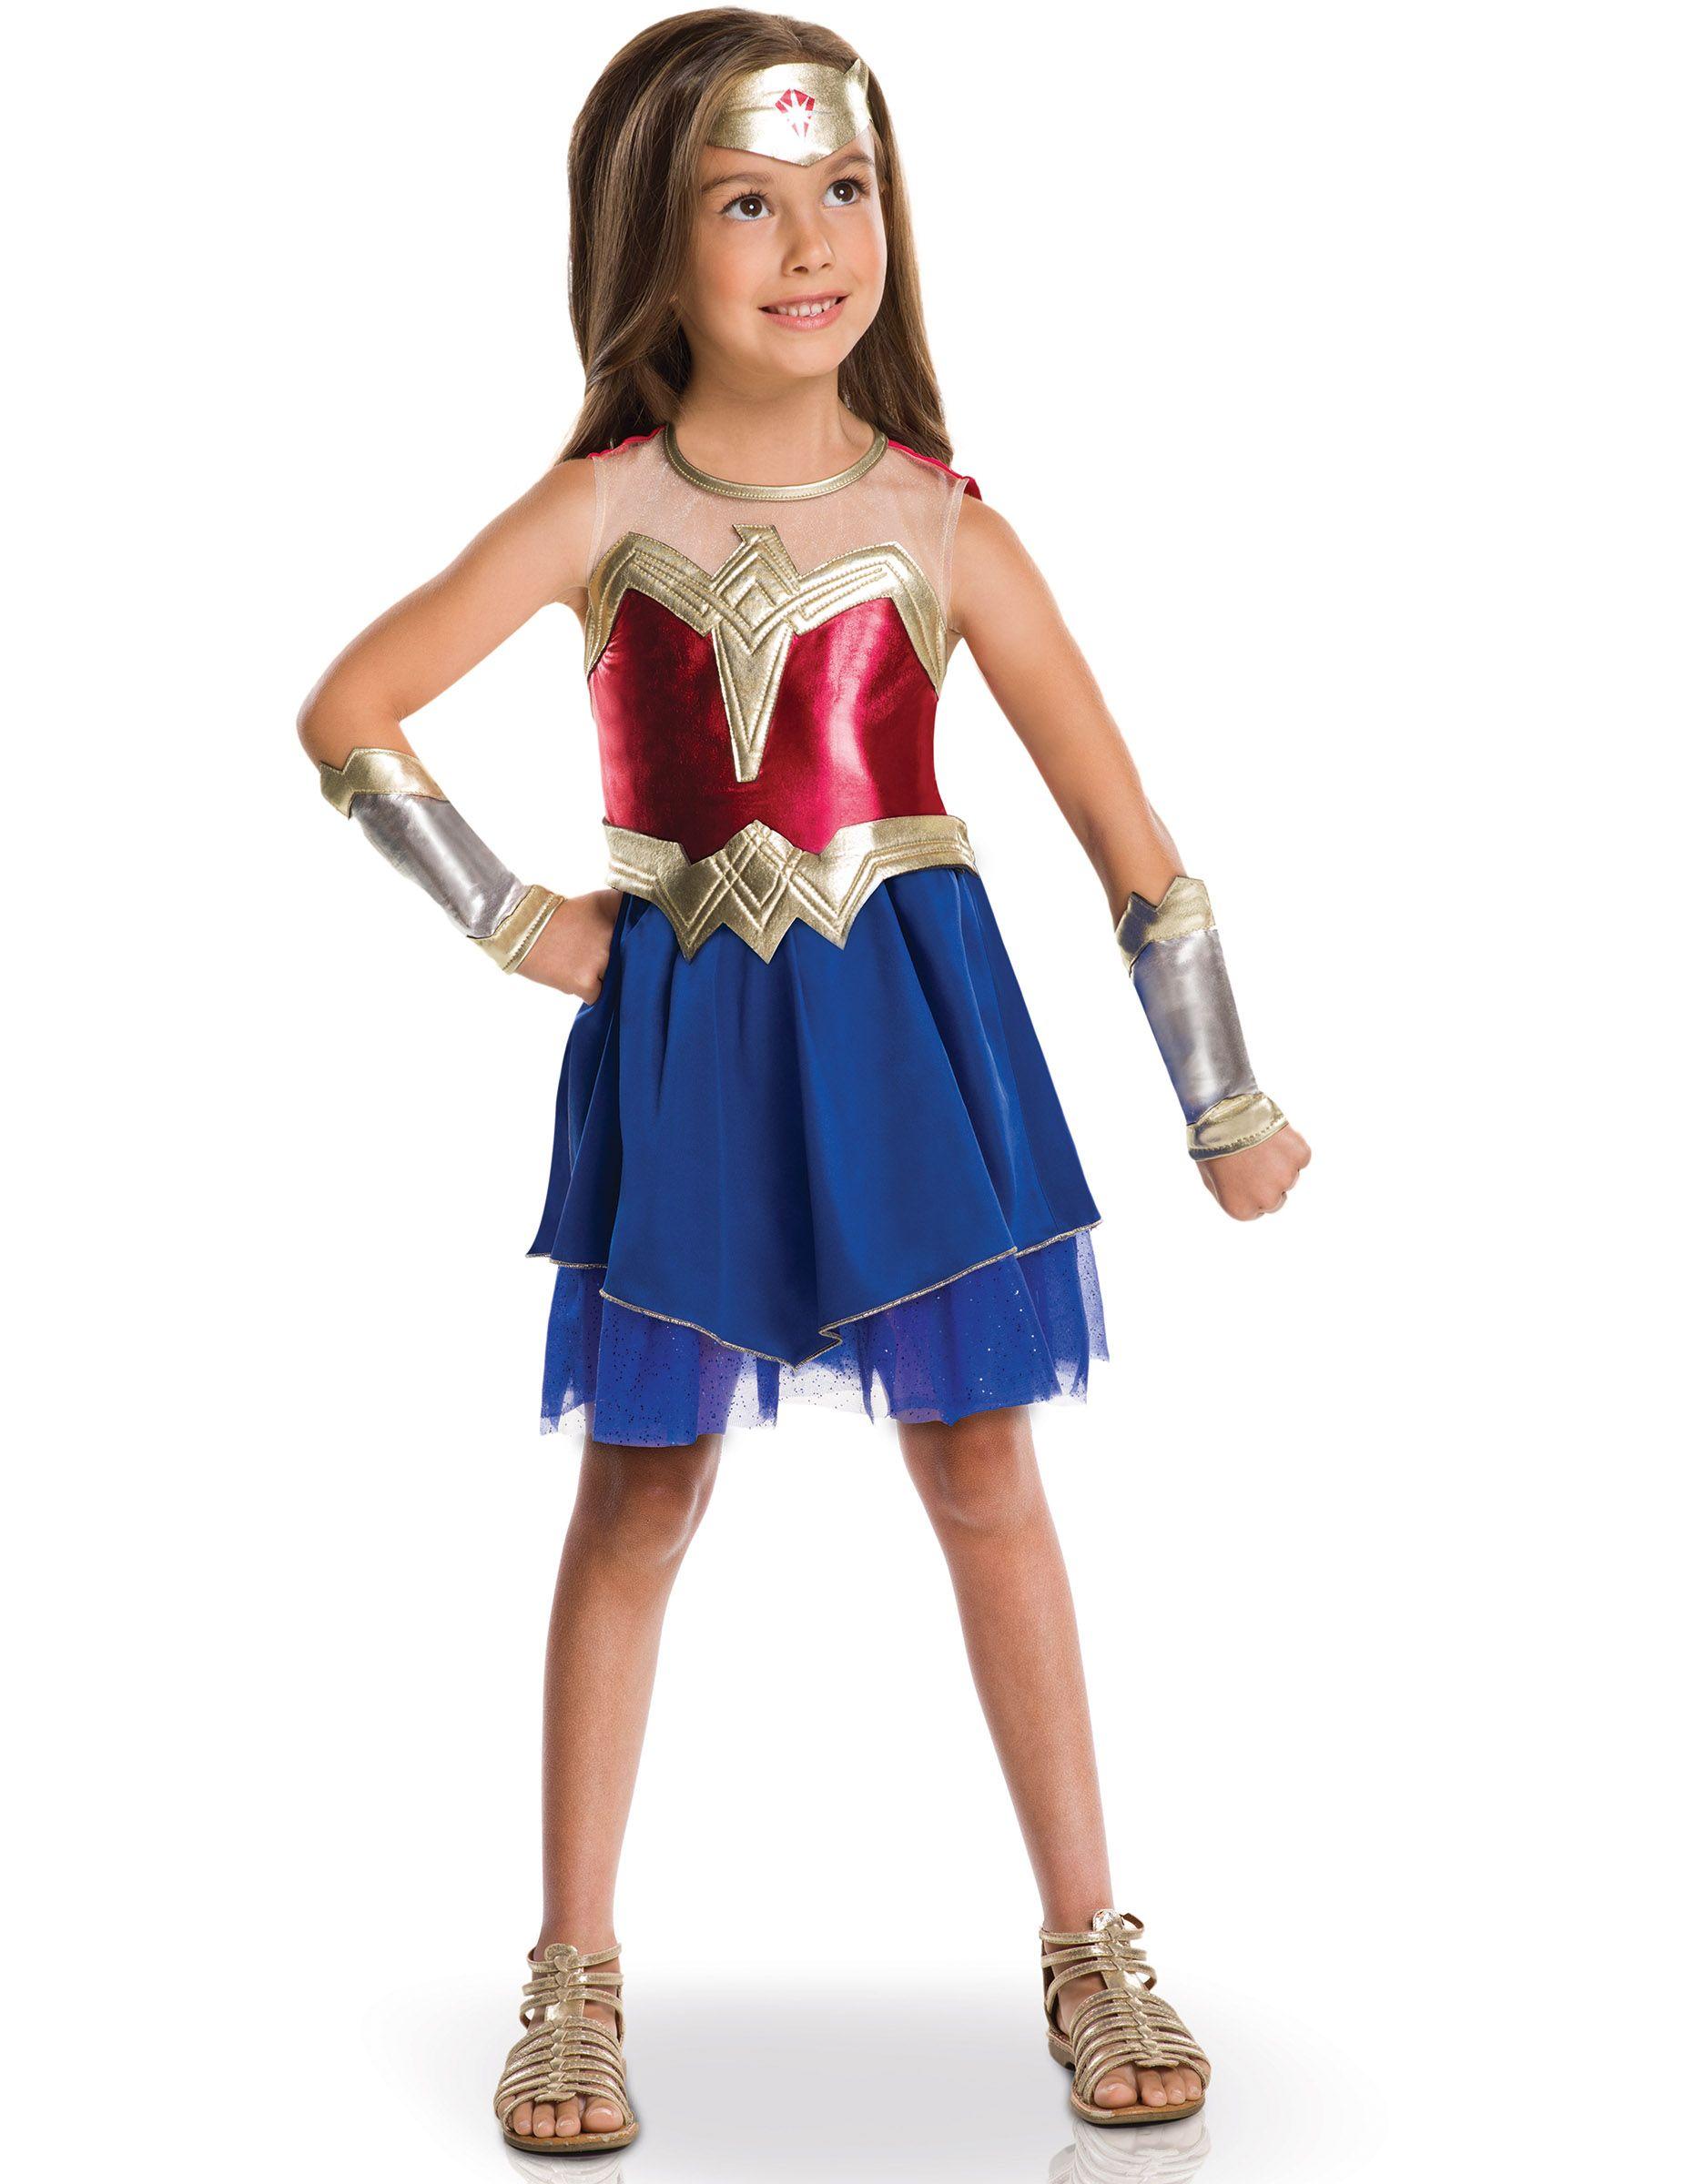 Wonder Woman Kostum Fur Madchen Lizenz Verkleidung Blau Gold Rot Madchen Kostume Weibliche Kostume Und Abendkleid Fur Kinder